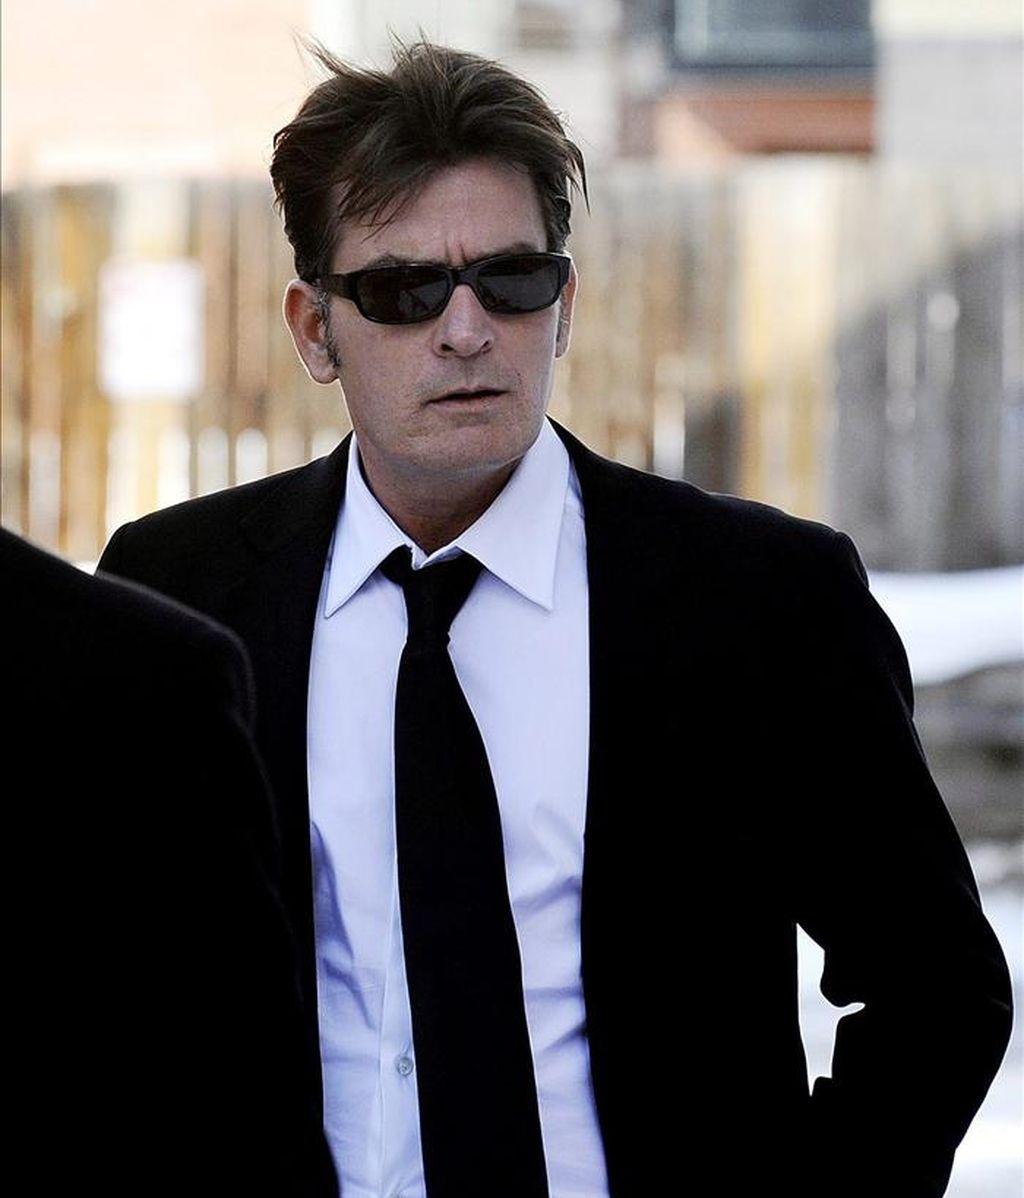 """Charlie Sheen dijo que """"hay un par de cosas"""" que debe mejorar, aunque los cambios ya surtieron efecto en su segundo espectáculo, celebrado en Chicago este domingo, y que obtuvo buenas críticas, como las del diario Chicago Tribune o el canal CNN. EFE/Archivo"""